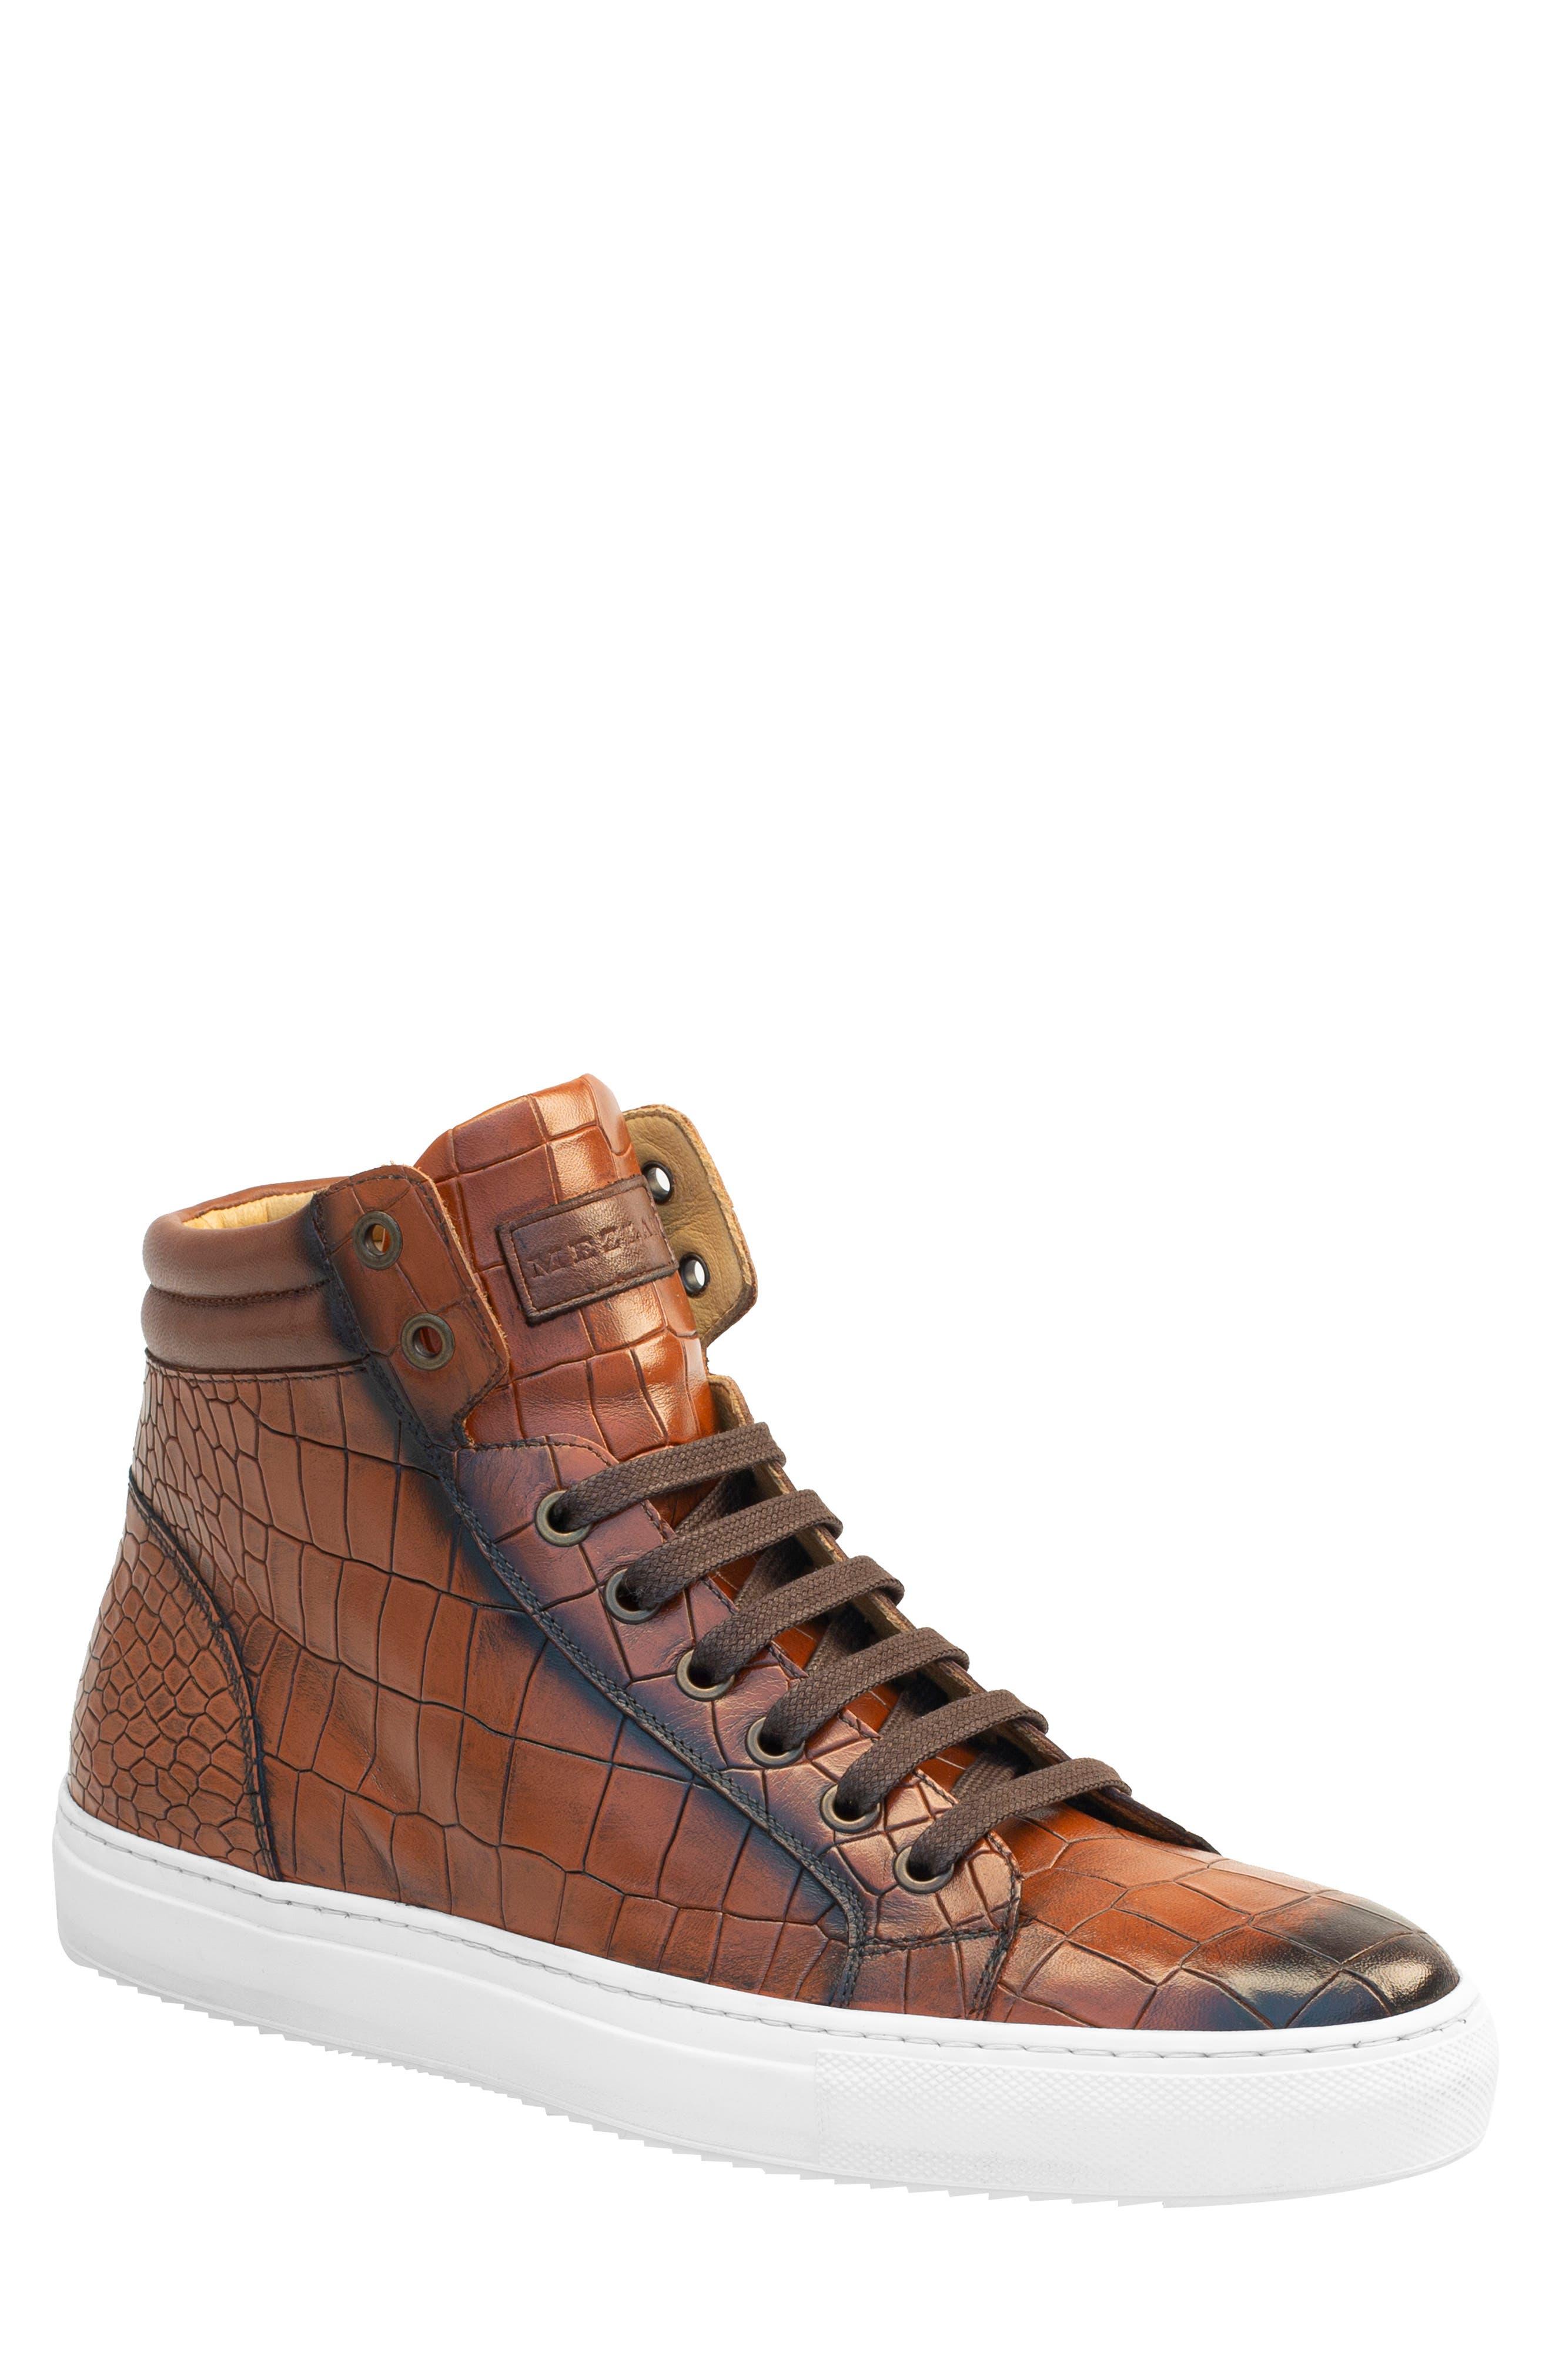 Cartel High Top Sneaker